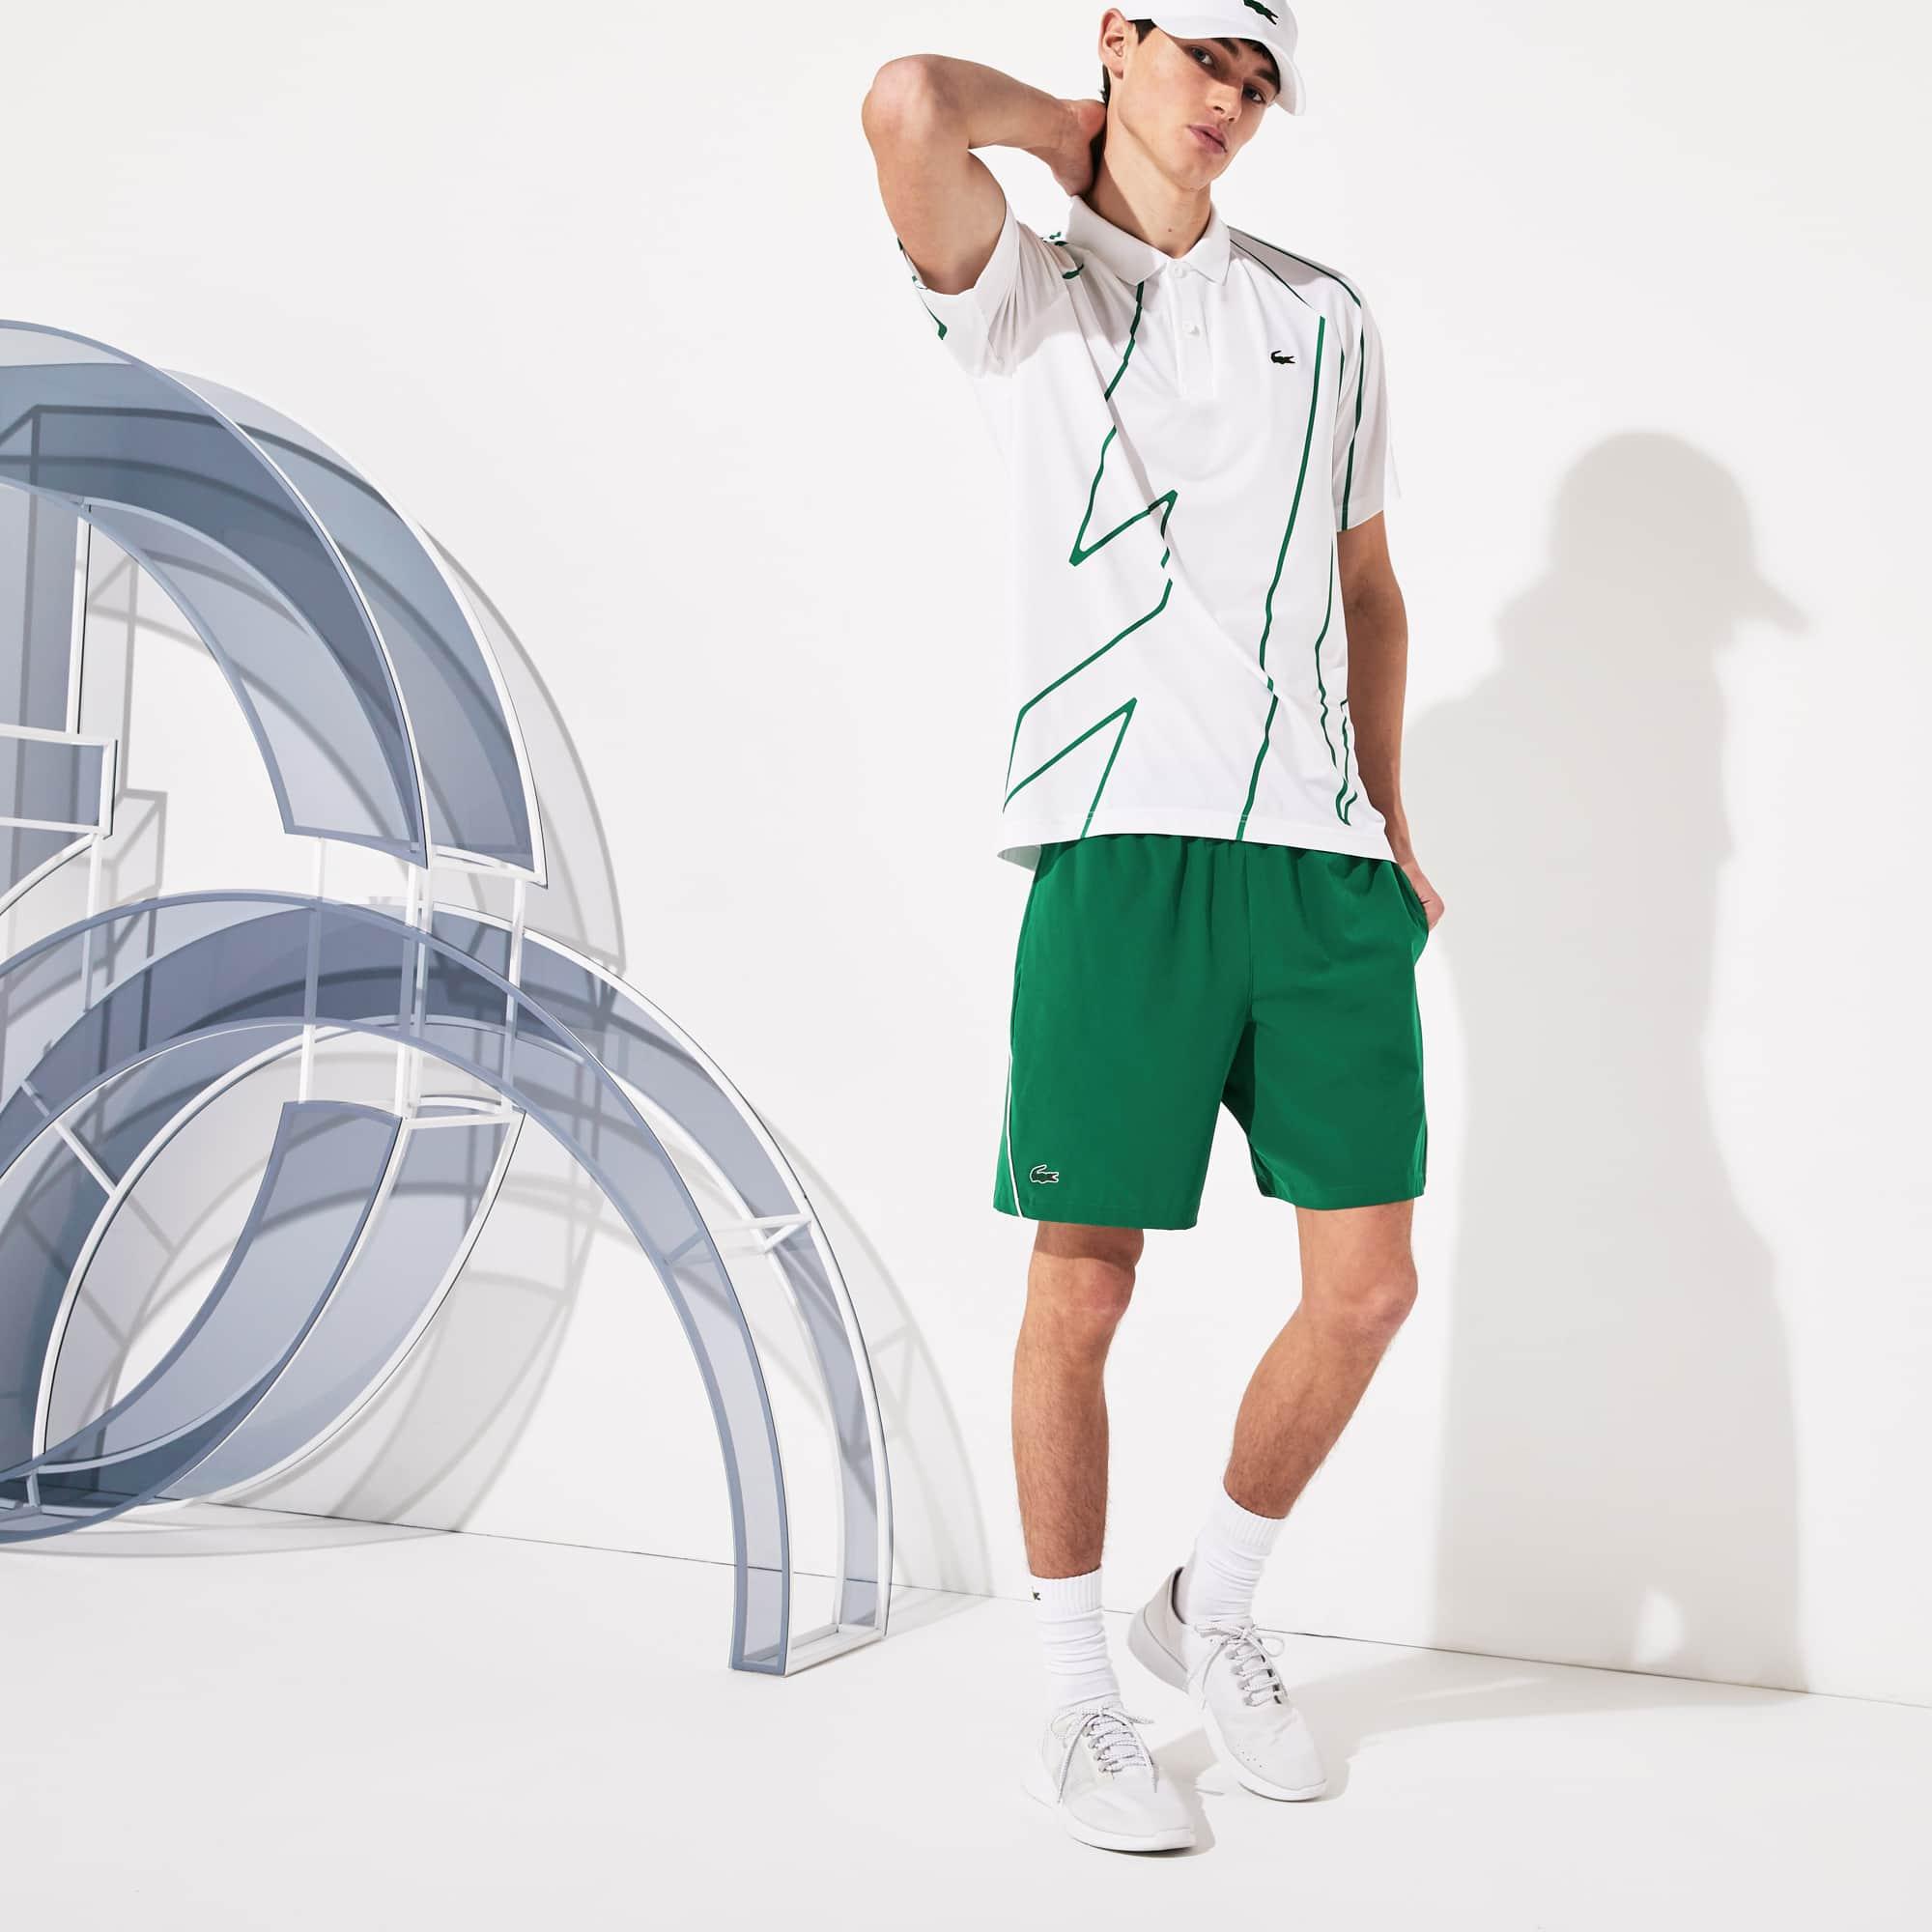 Calções stretch respiráveis da coleção Novak Djokovic x Lacoste SPORT para homem